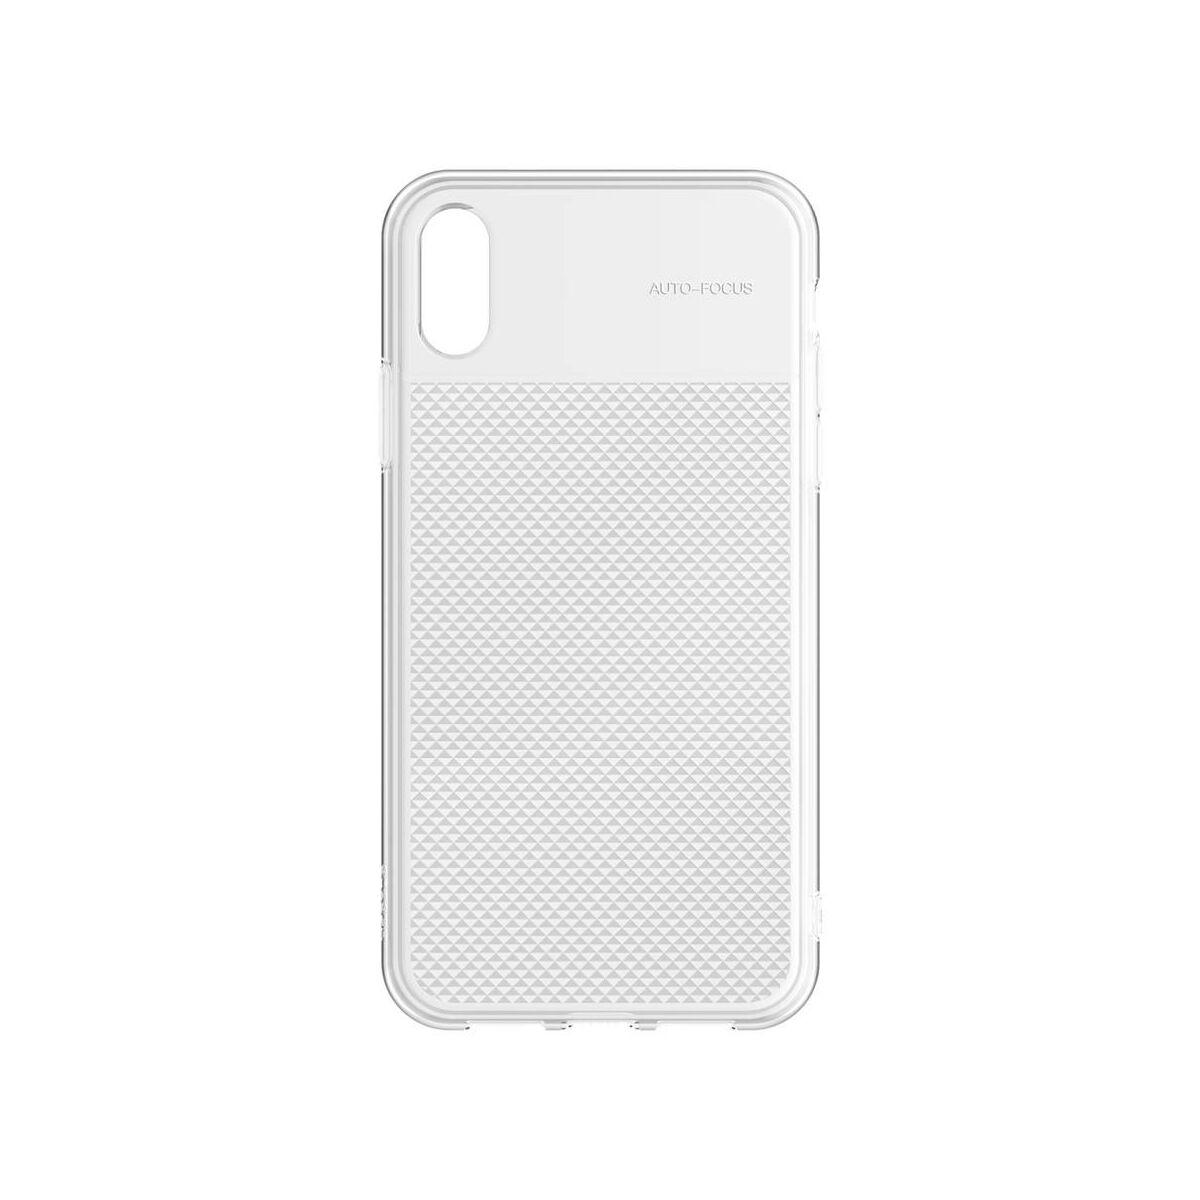 Baseus iPhone XR csillogó & tok, átlátszó, átlátszó (WIAPIPH61-ST02)